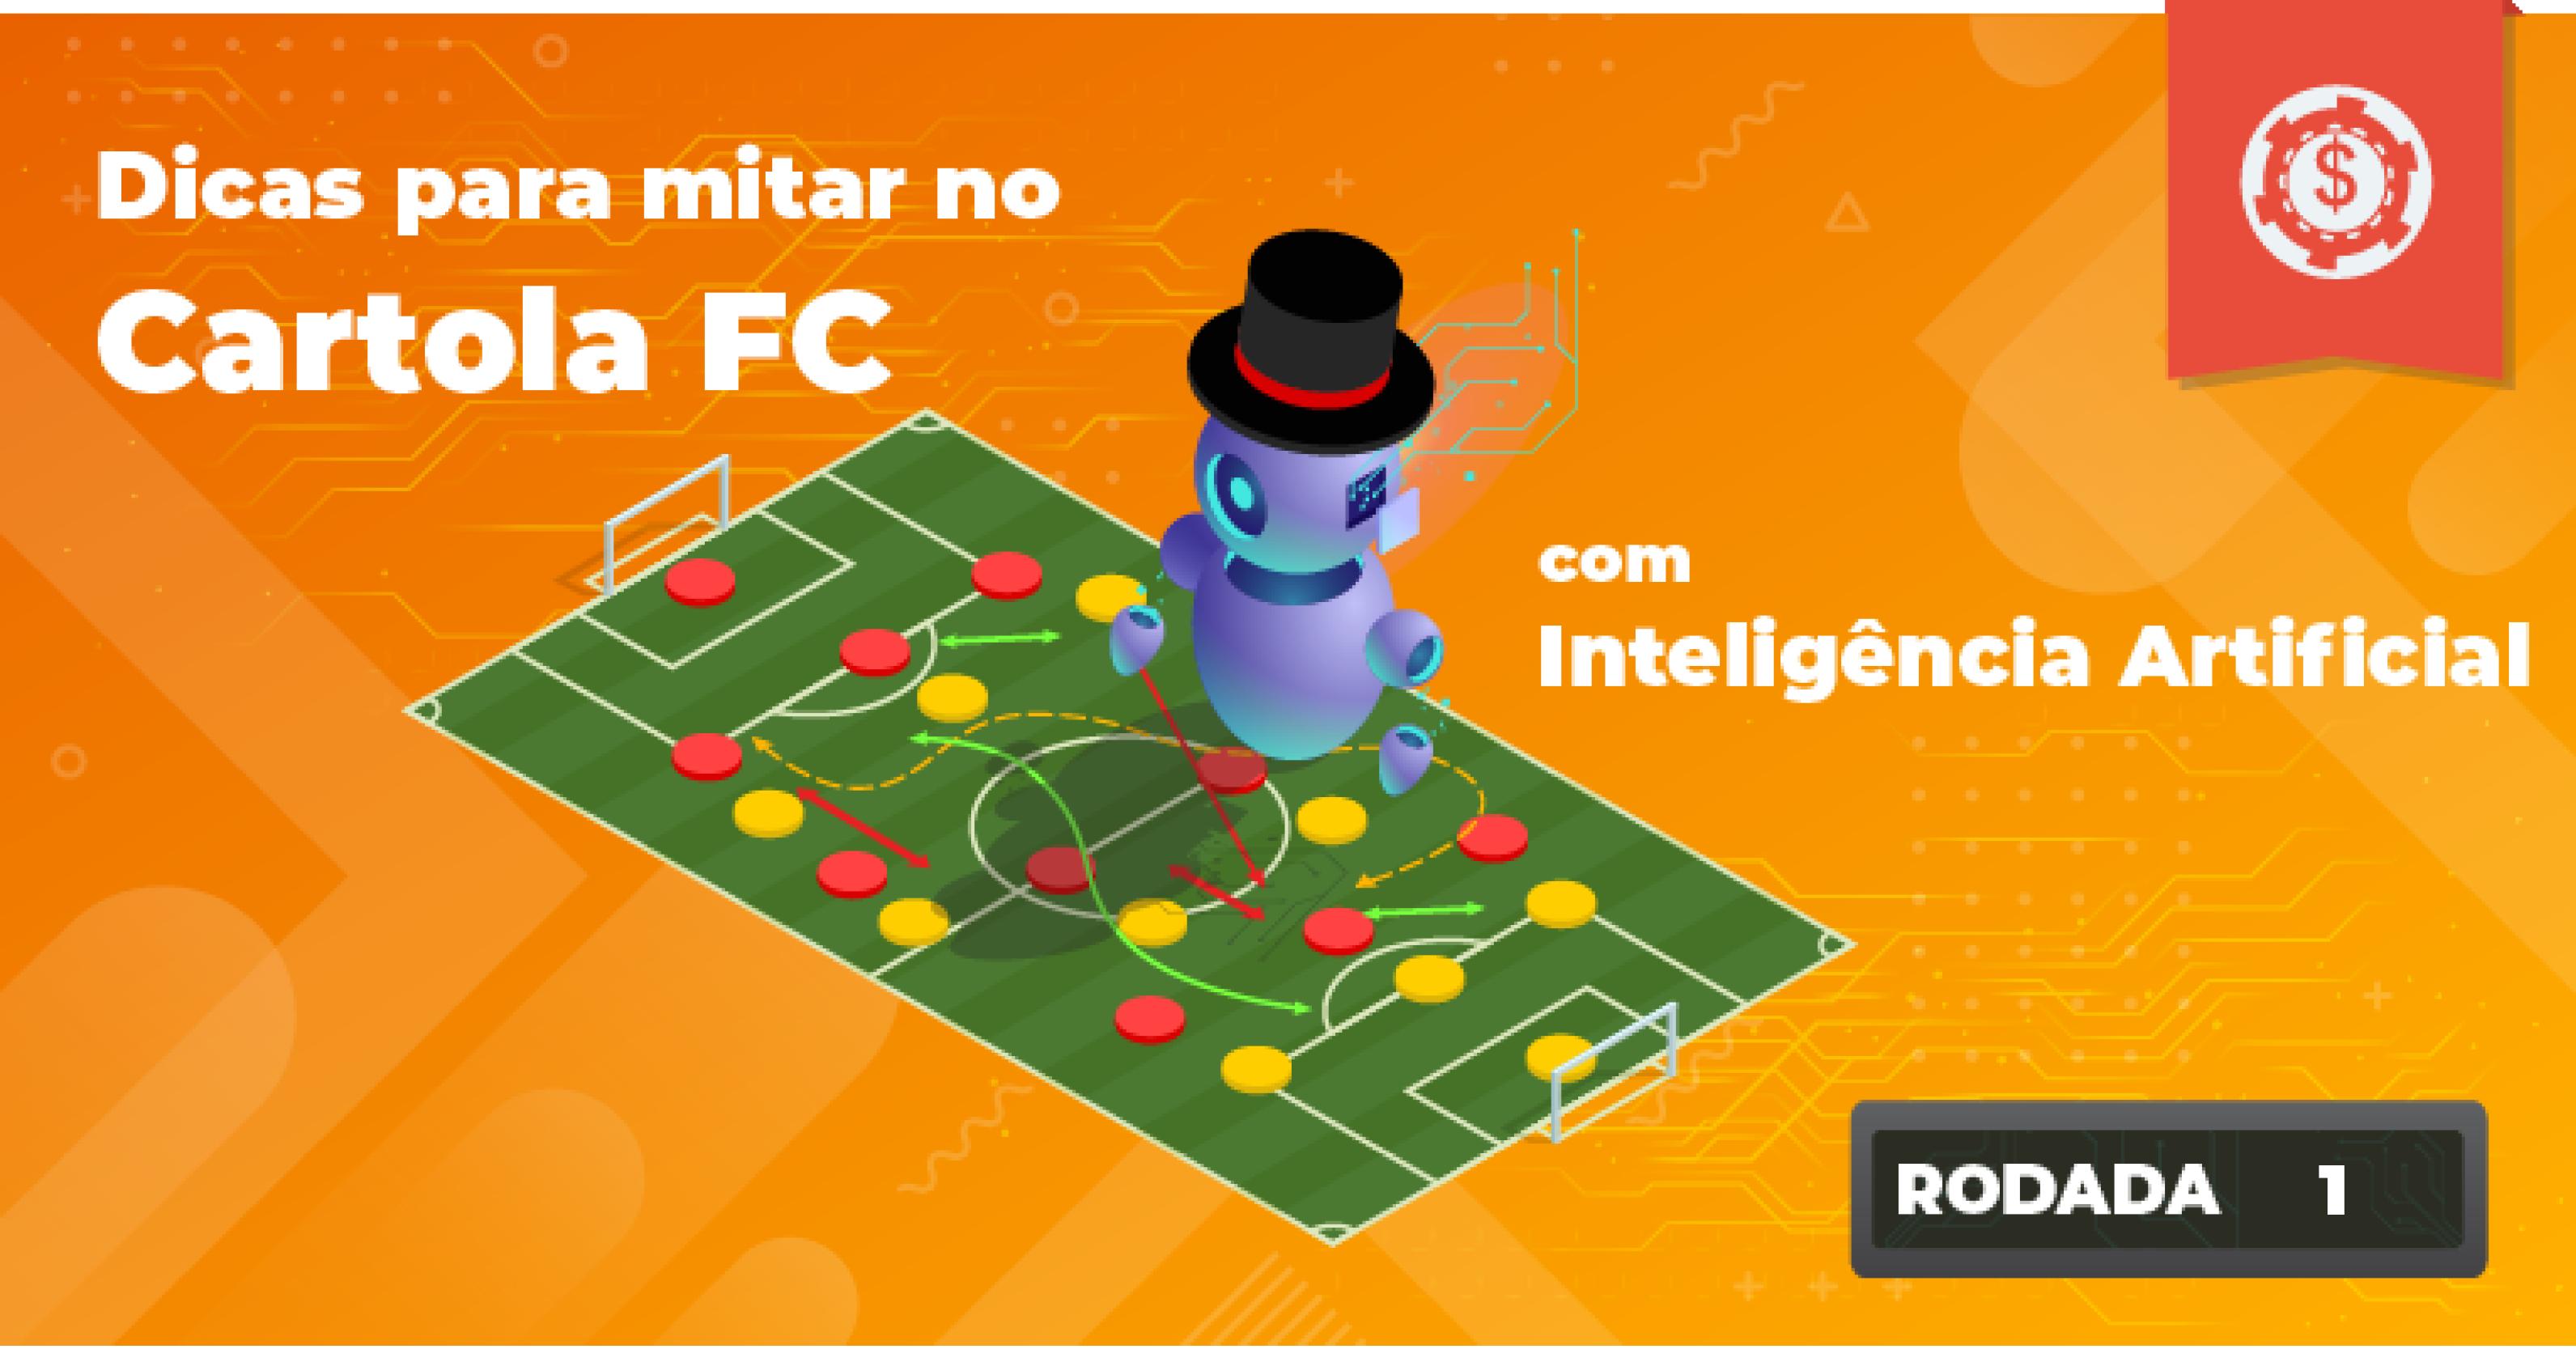 Dicas para mitar na rodada 1 do Cartola FC com Inteligência Artificial